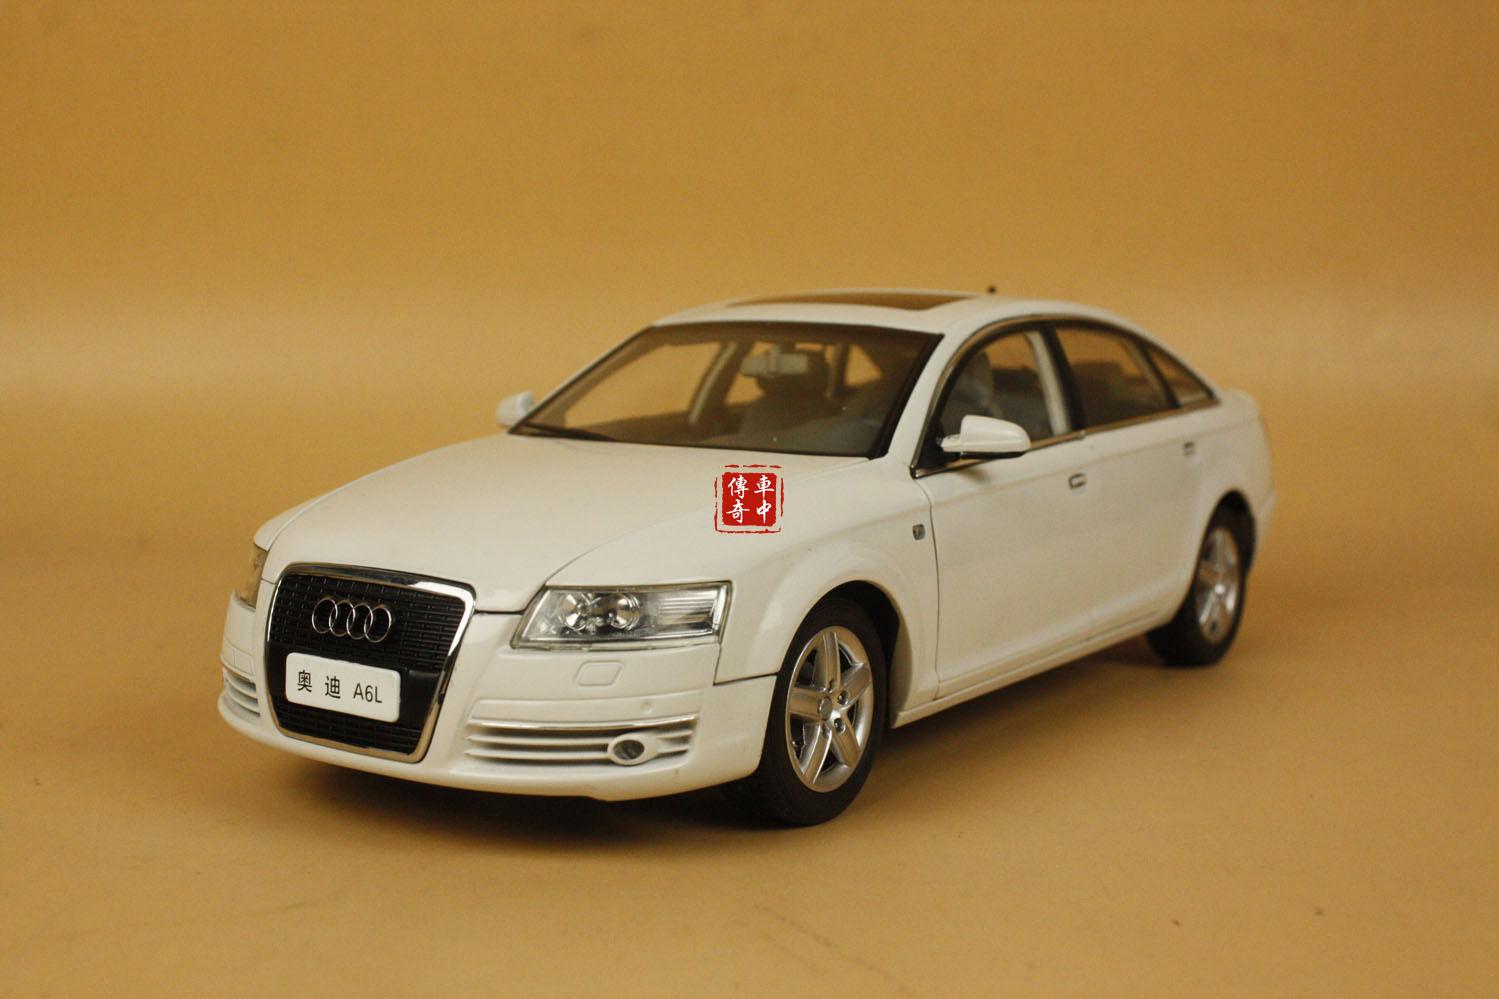 1 18 Audi A6L Weiß Farbe diecast Modelll